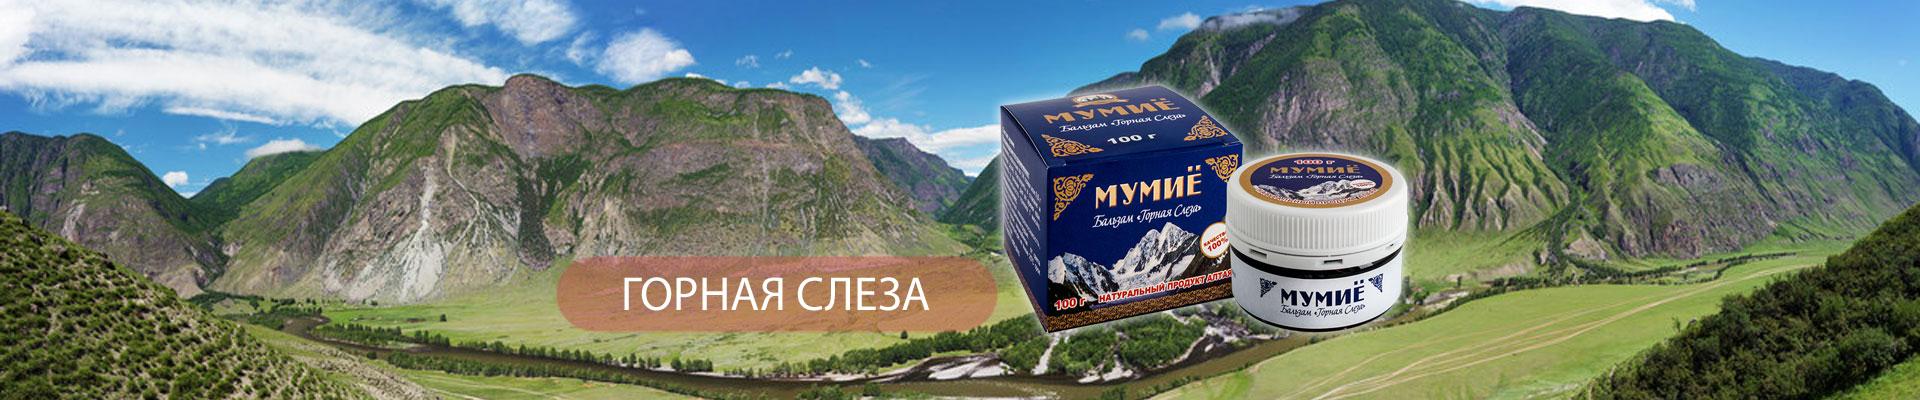 Сбор заказов. Алтайская природа для женского и мужского здоровья, бальзамы, мумие, каменное масло